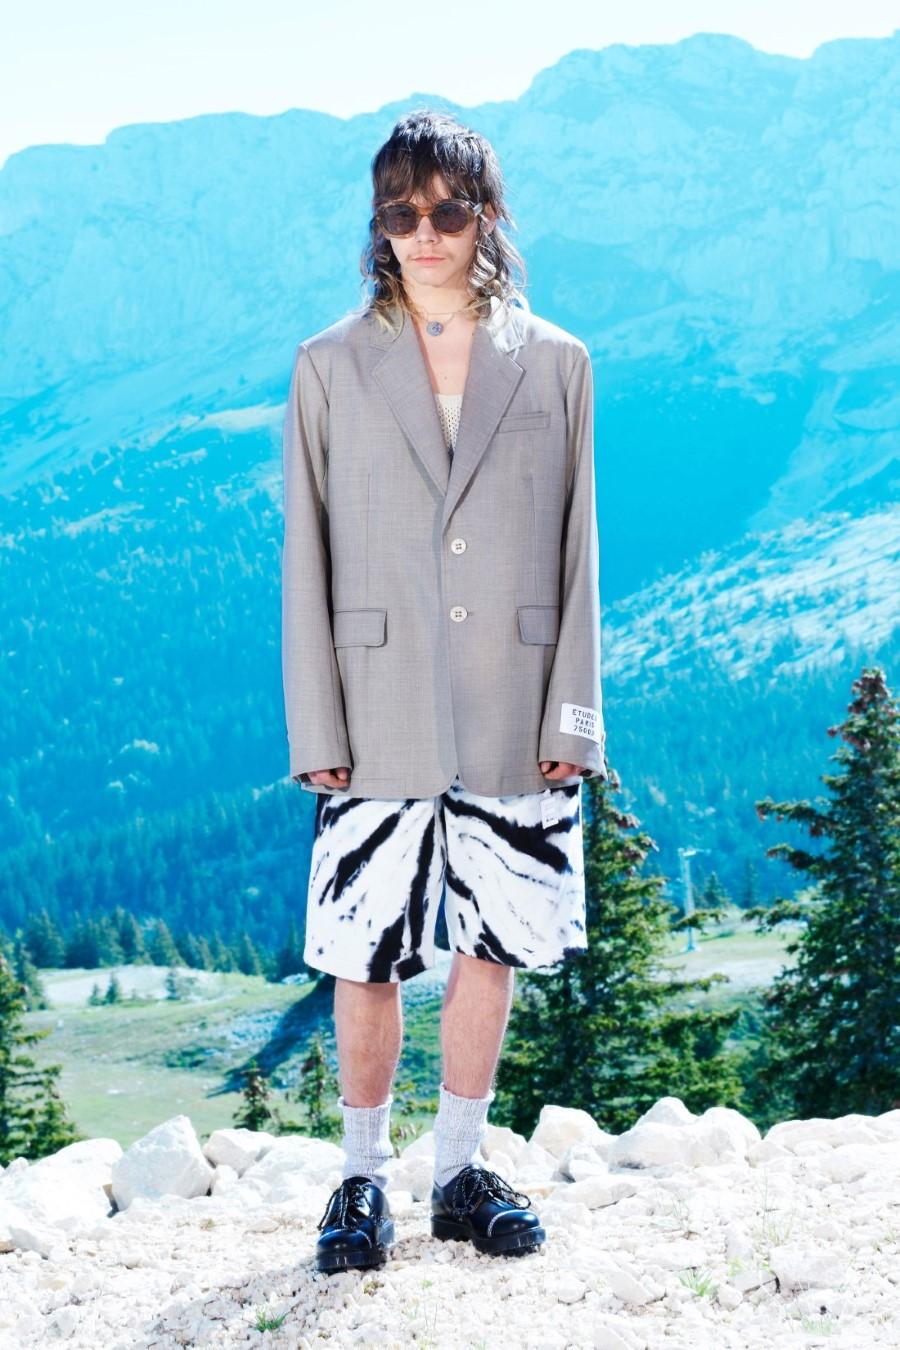 Études Spring Summer 2022 - Paris Fashion Week Men's